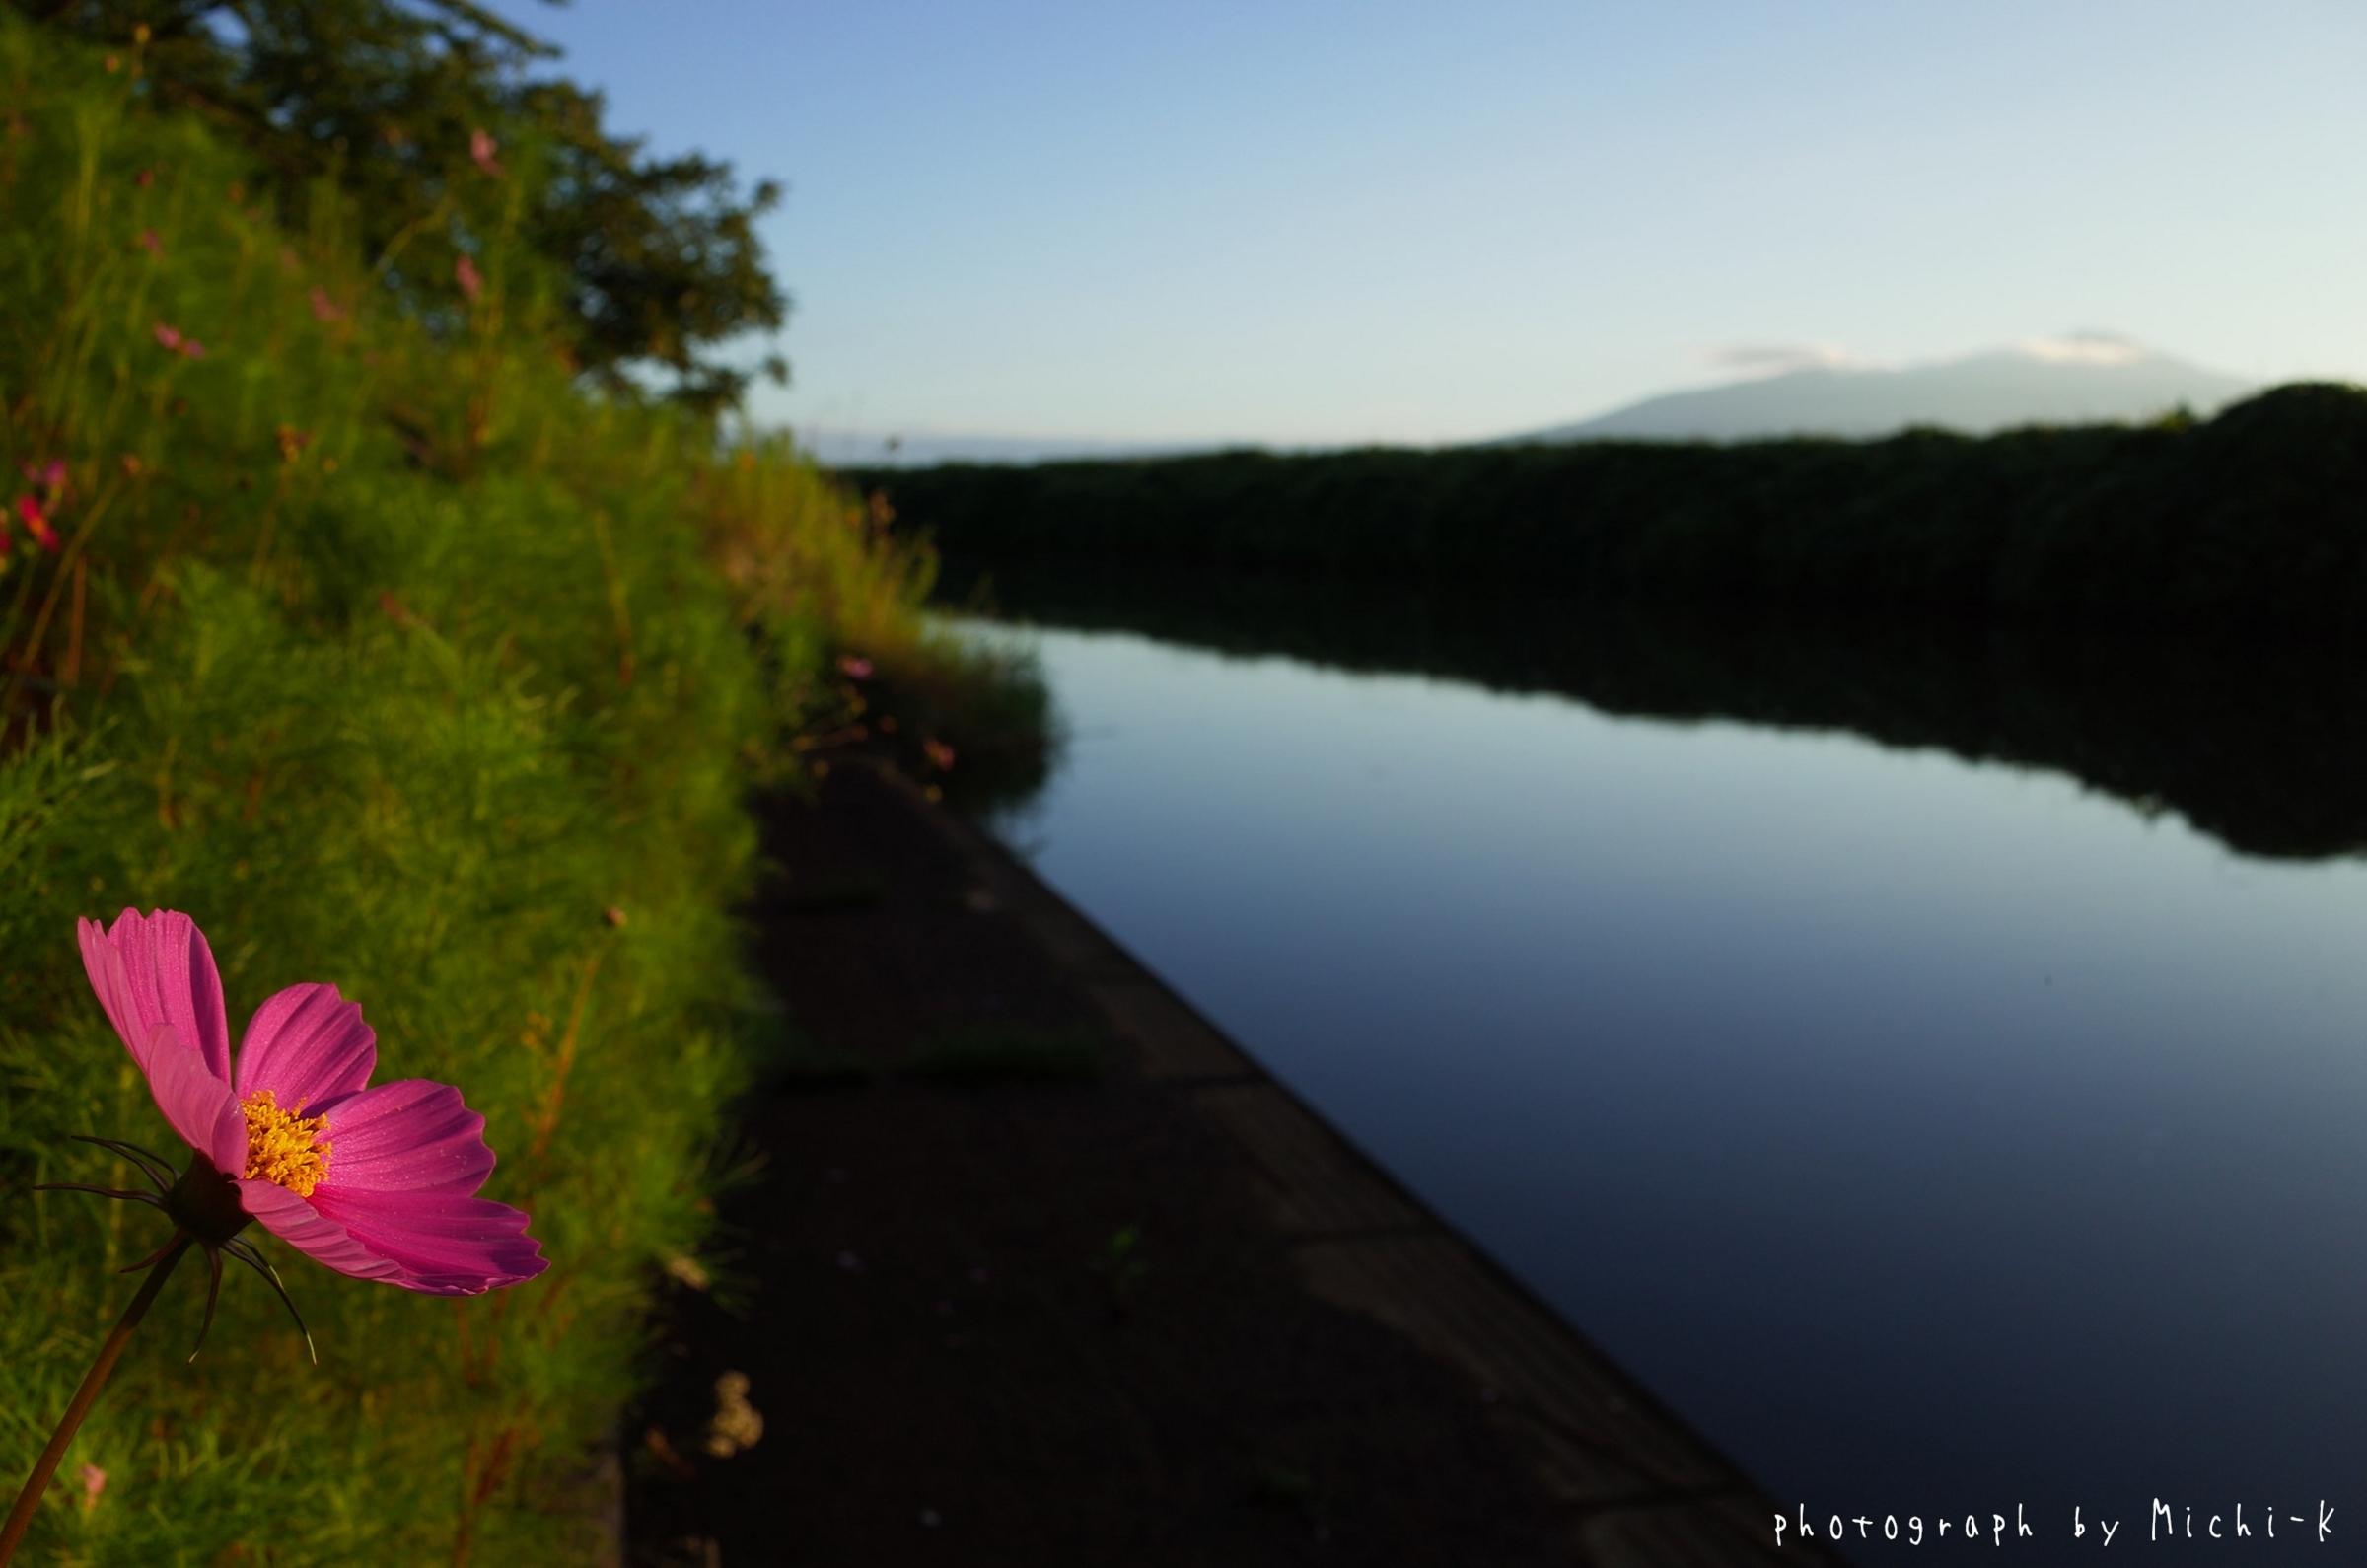 酒田市・幸福川沿いのコスモス1